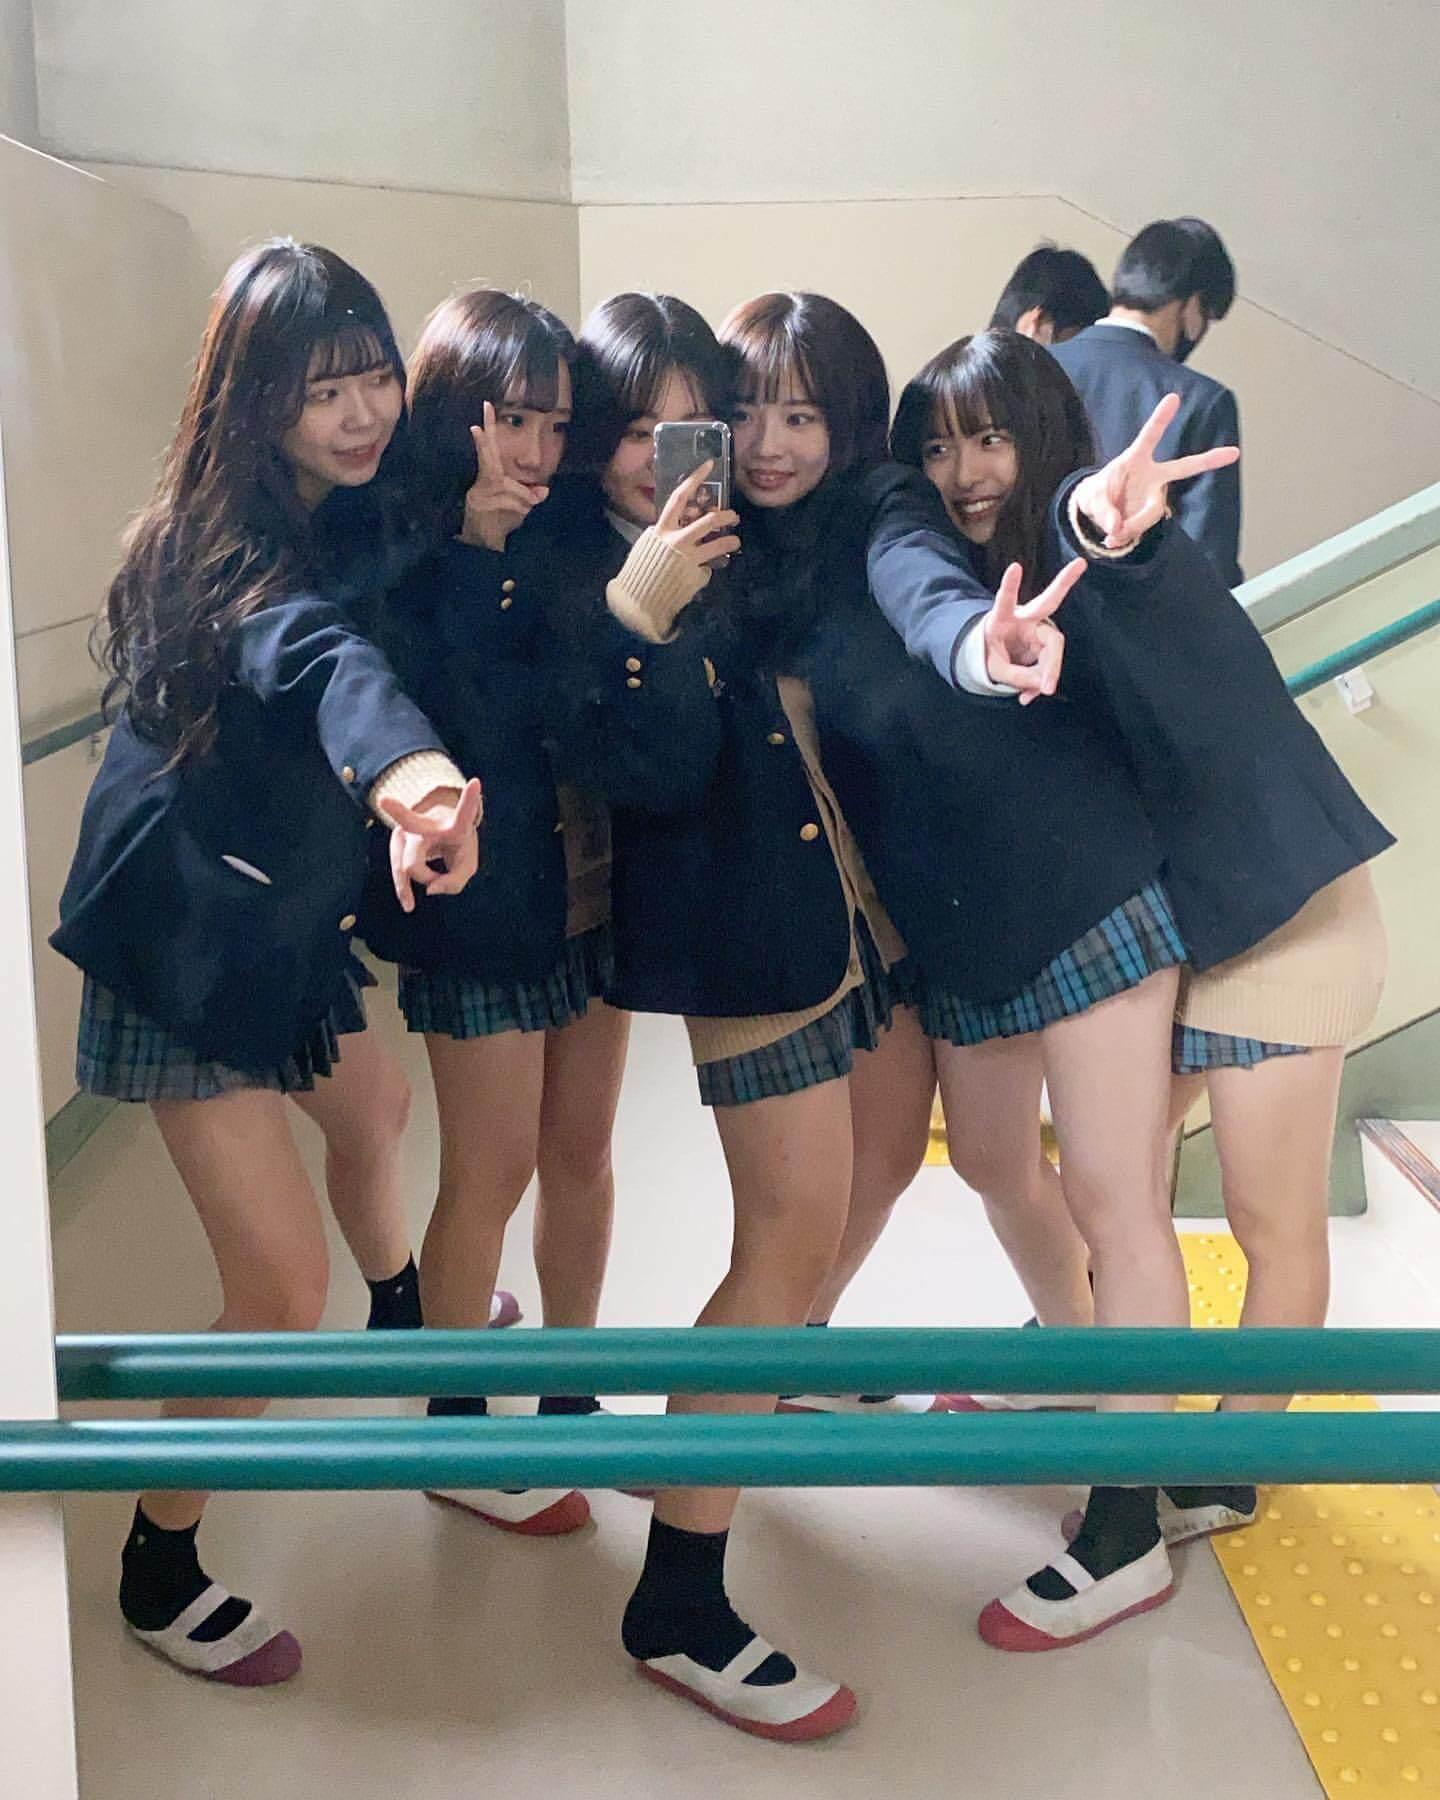 【画像】今一番ノリに乗ってる新栄JKでも見てモッコリしようぜww